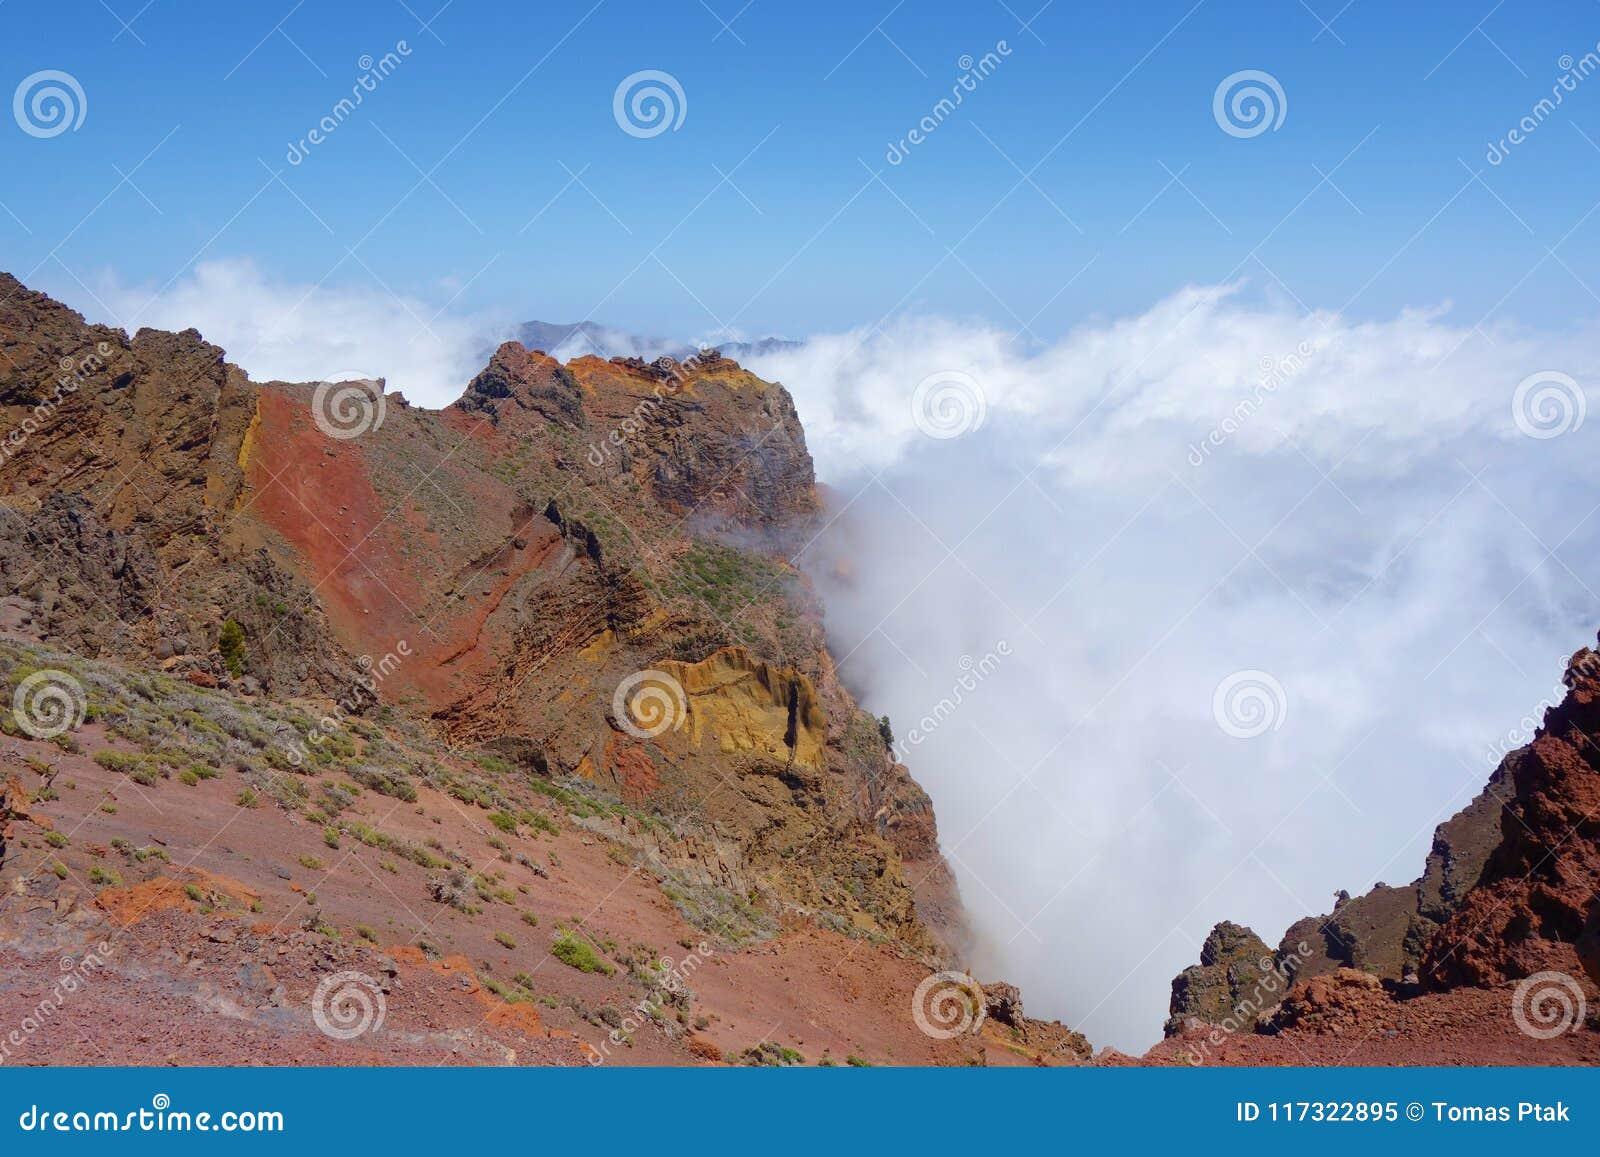 Fotvandra slingan GR131 Rute de los Volcanes som leder på kanten av Caldera de Taburiente som är den största erosionkrater i woen